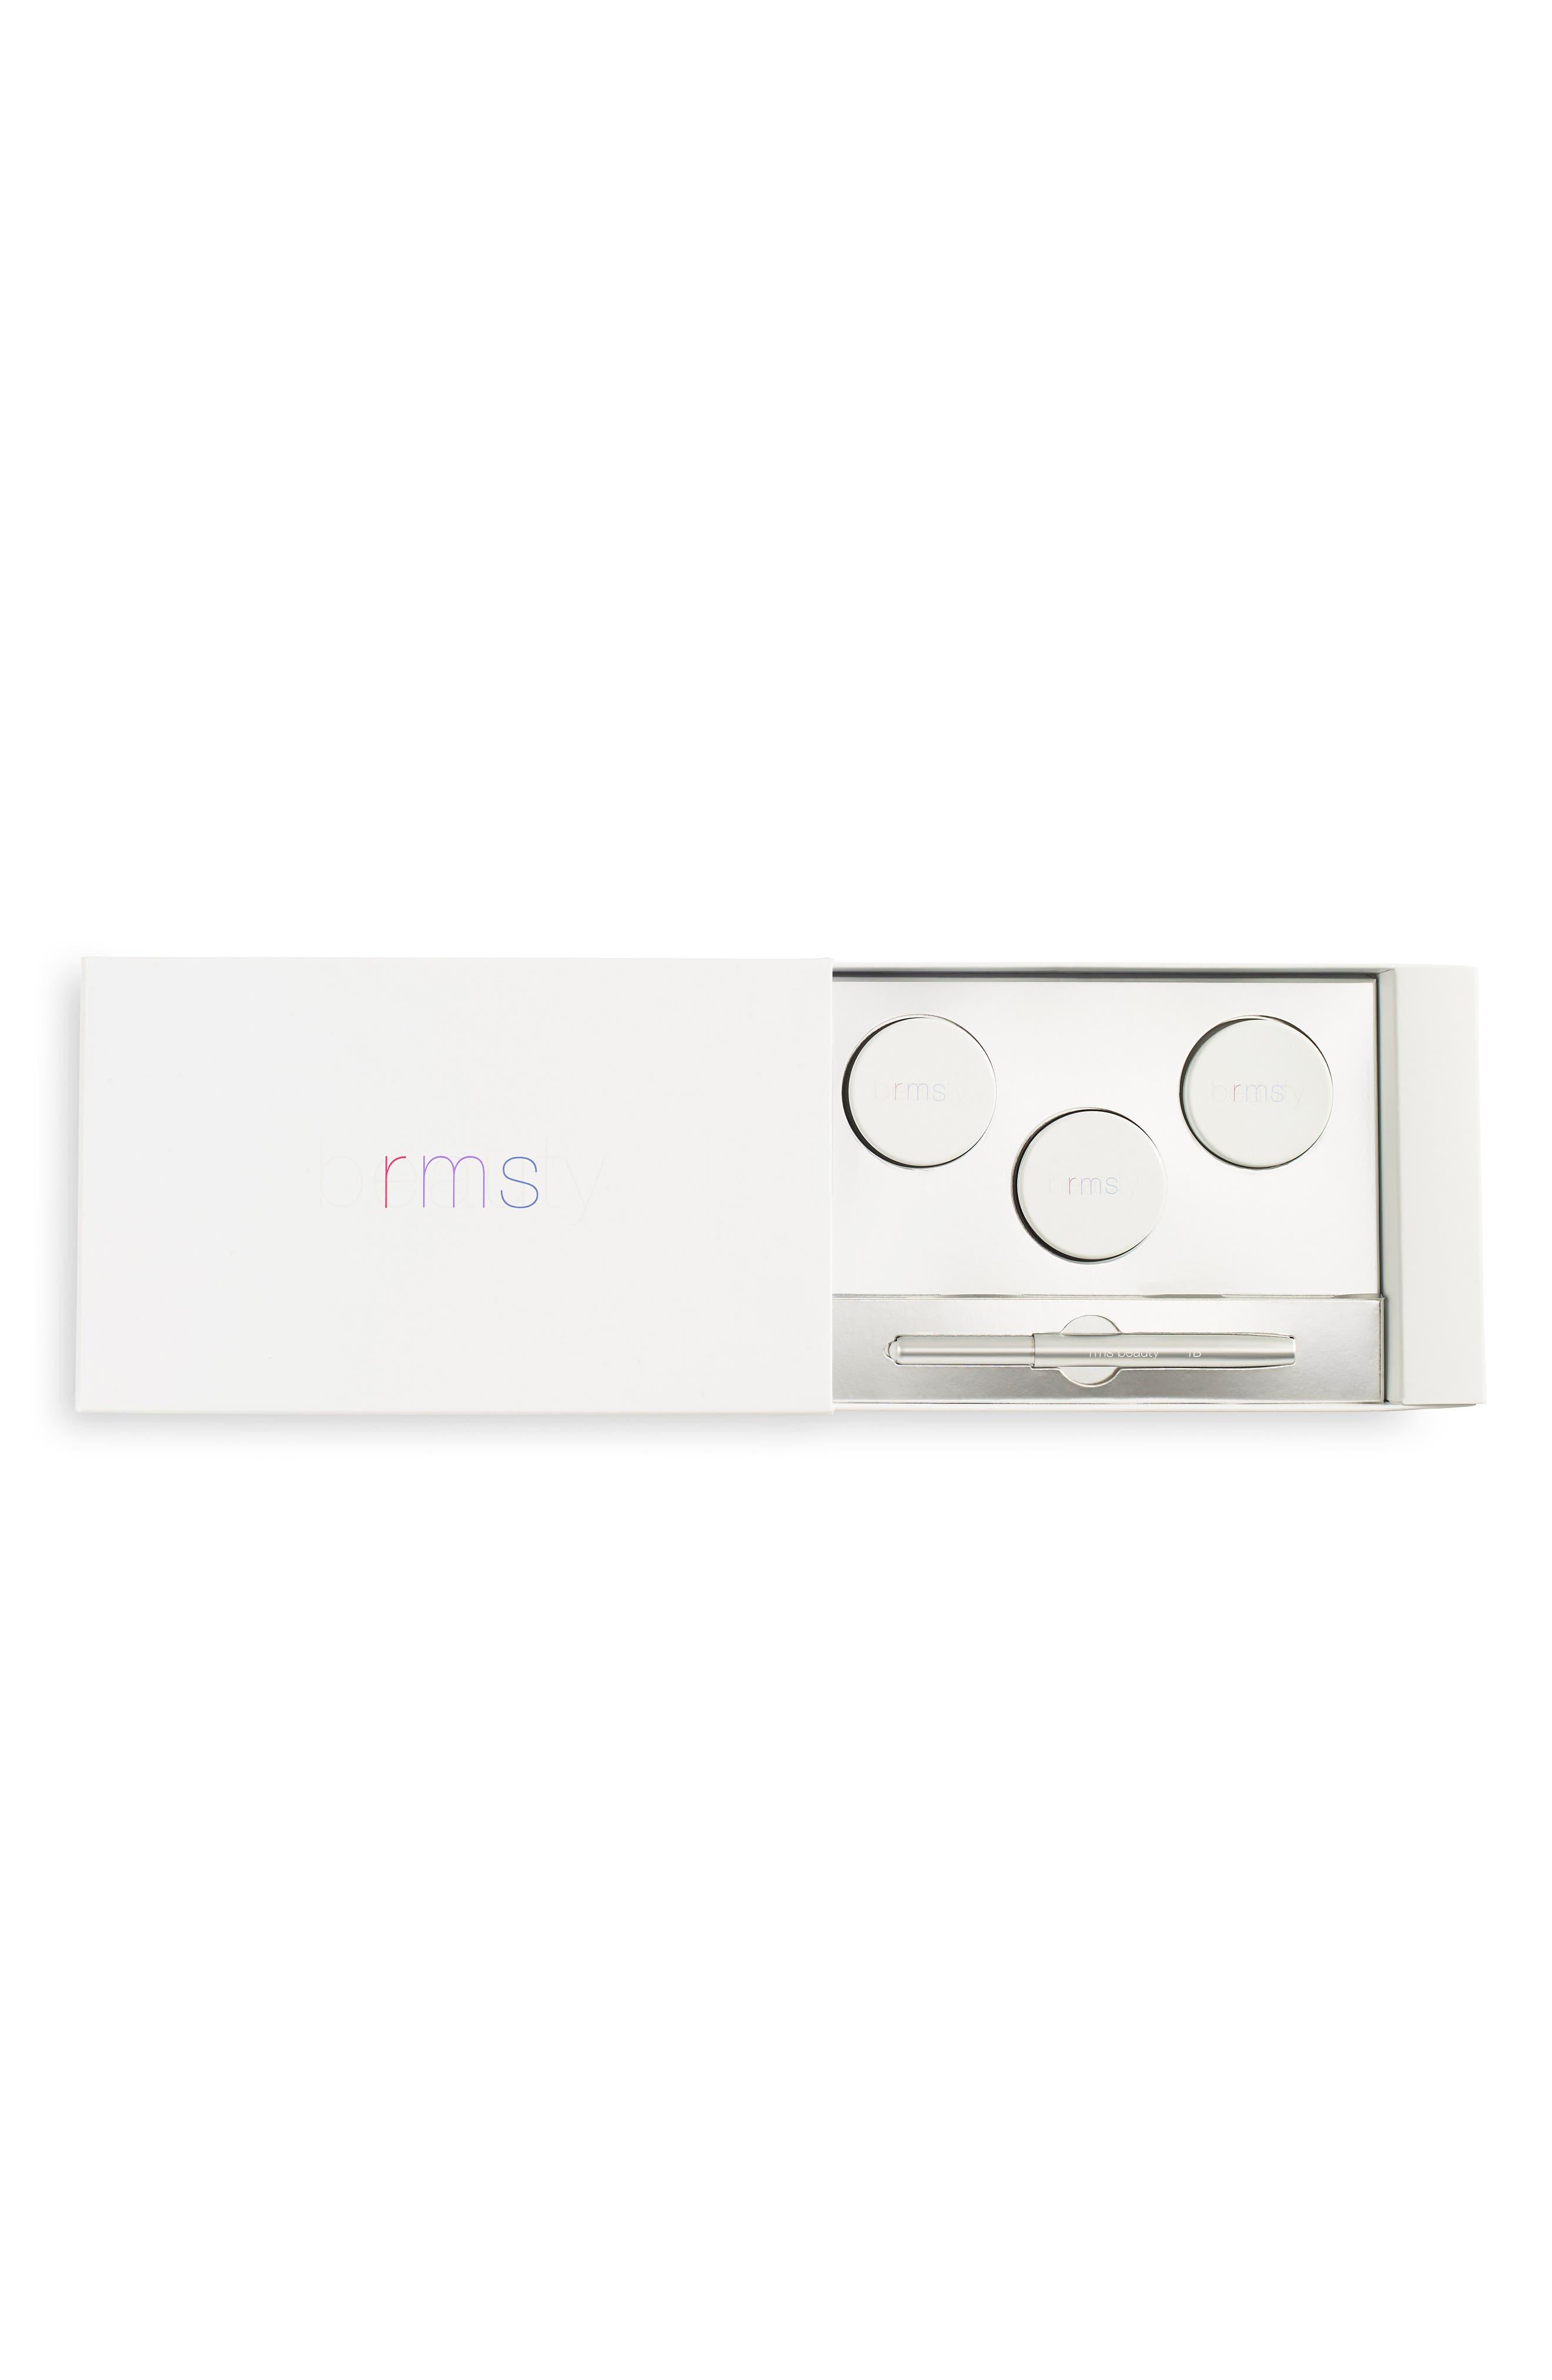 RMS Beauty Luminizer Set ($126 Value)